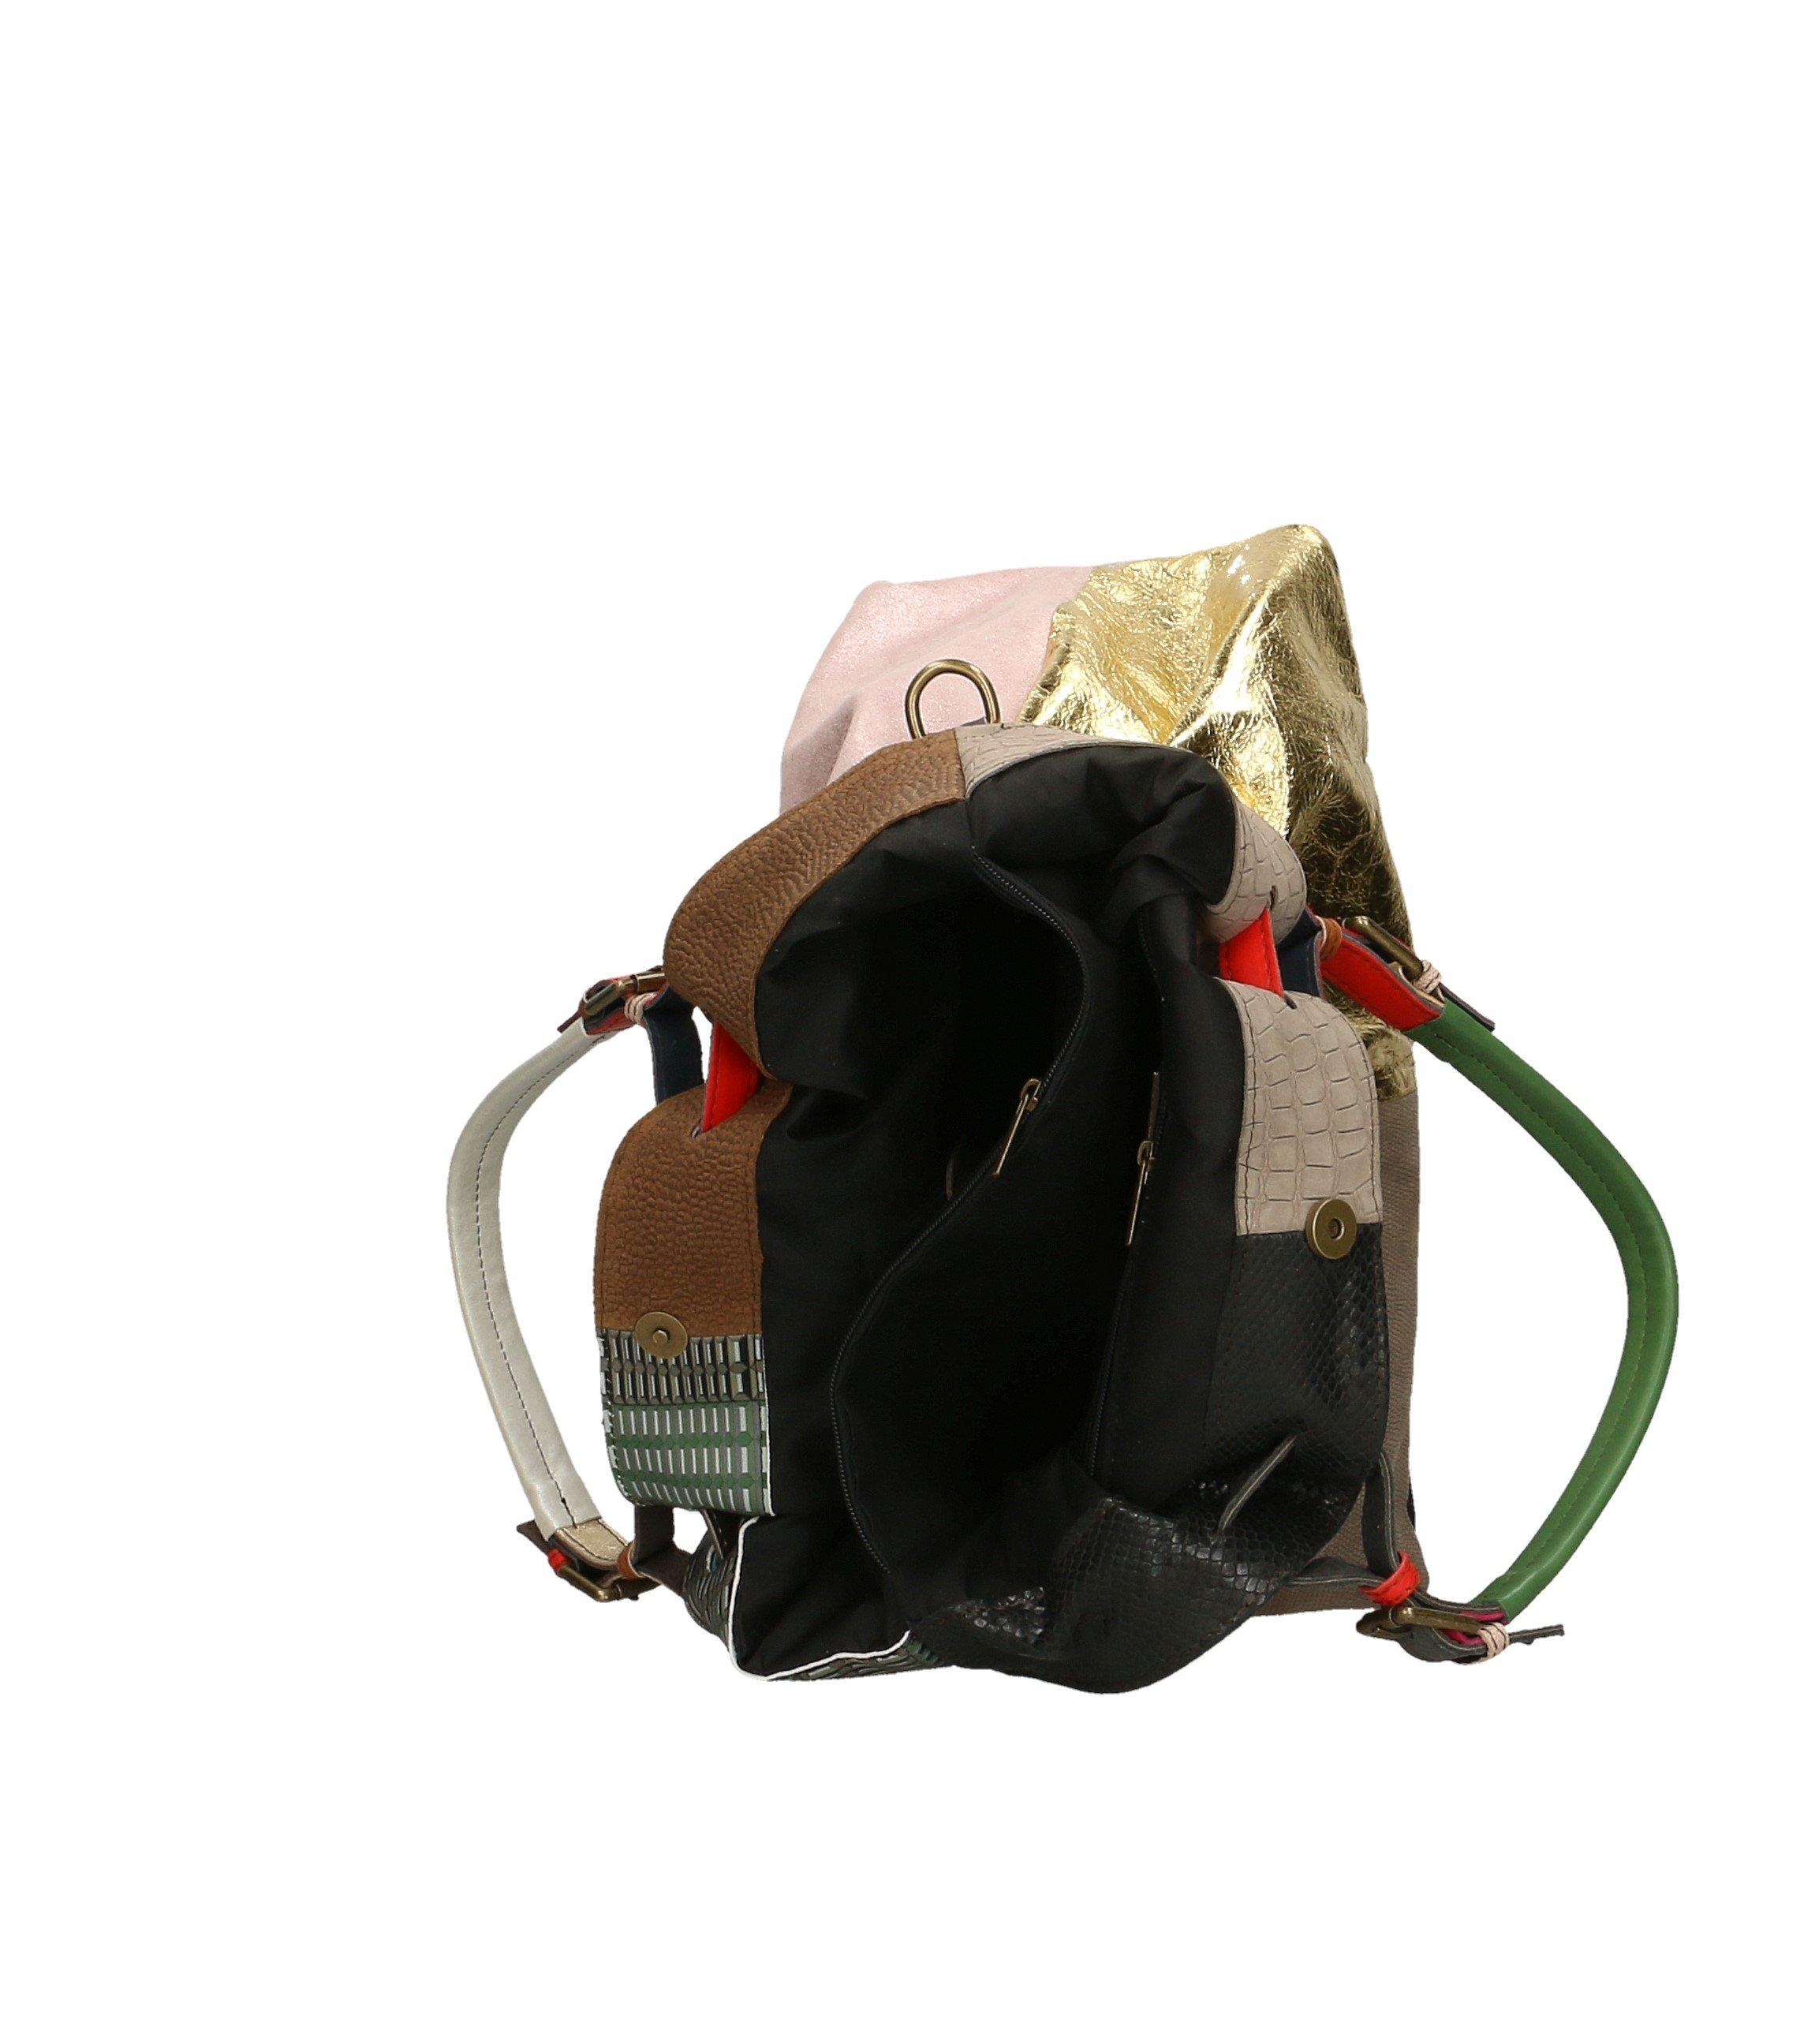 Borsa in vera pelle made in Italy 32x40x18 cm 0,8 kg TIF20SS0098622FB